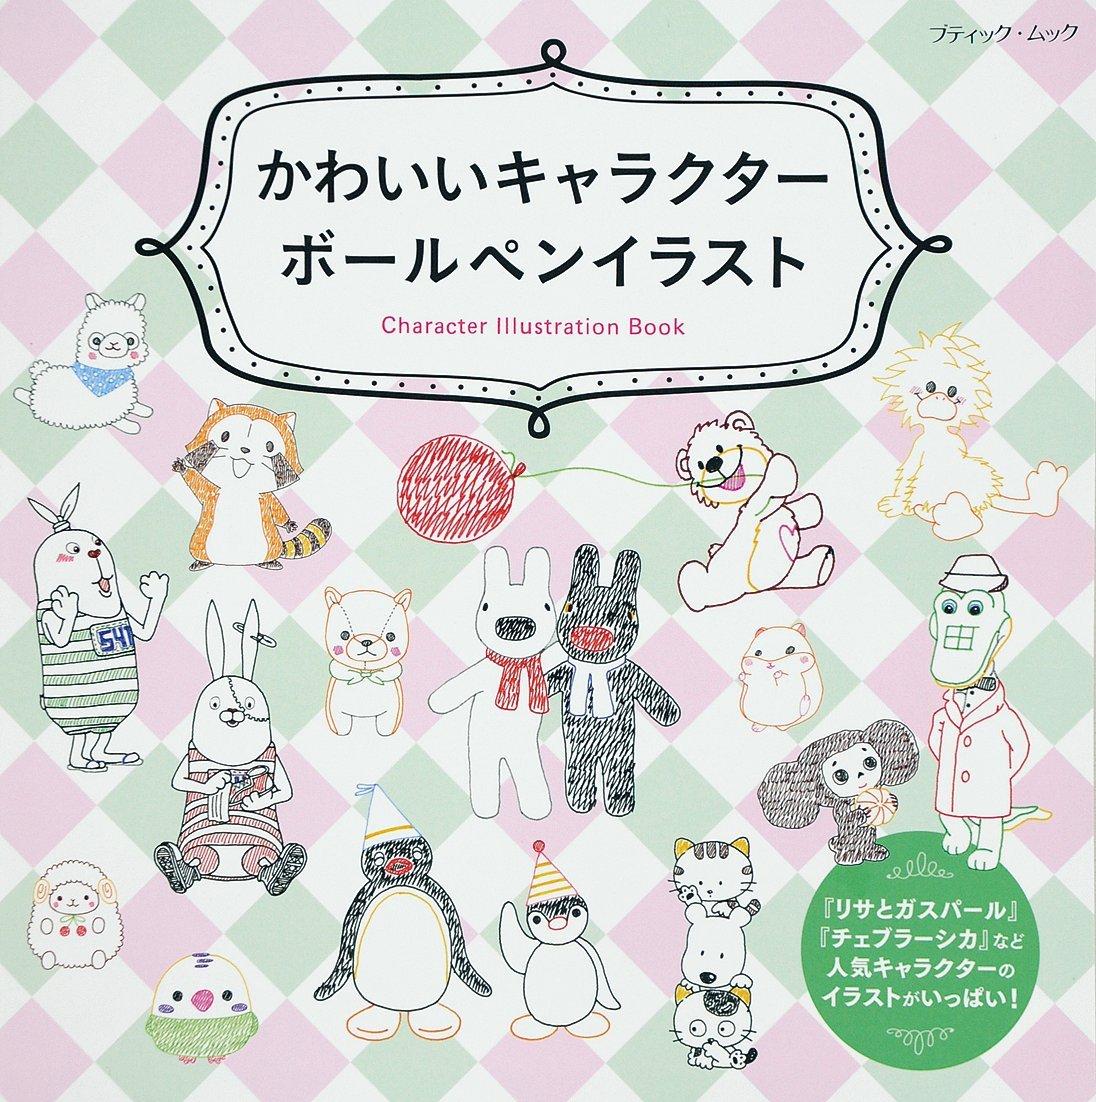 かわいいキャラクターボールペンイラスト ブティックムックno1234